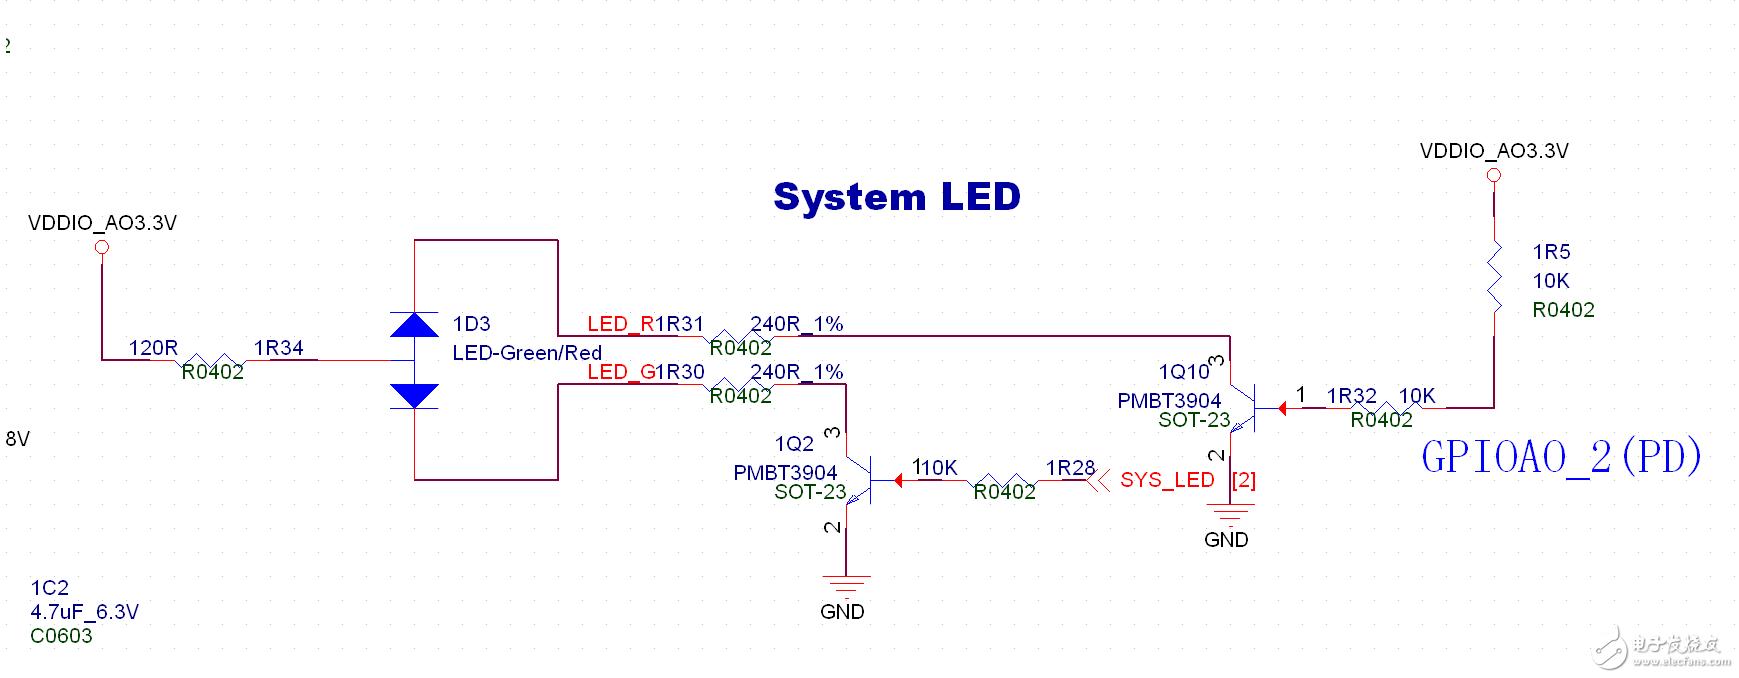 分析LED燈控制電路的原理